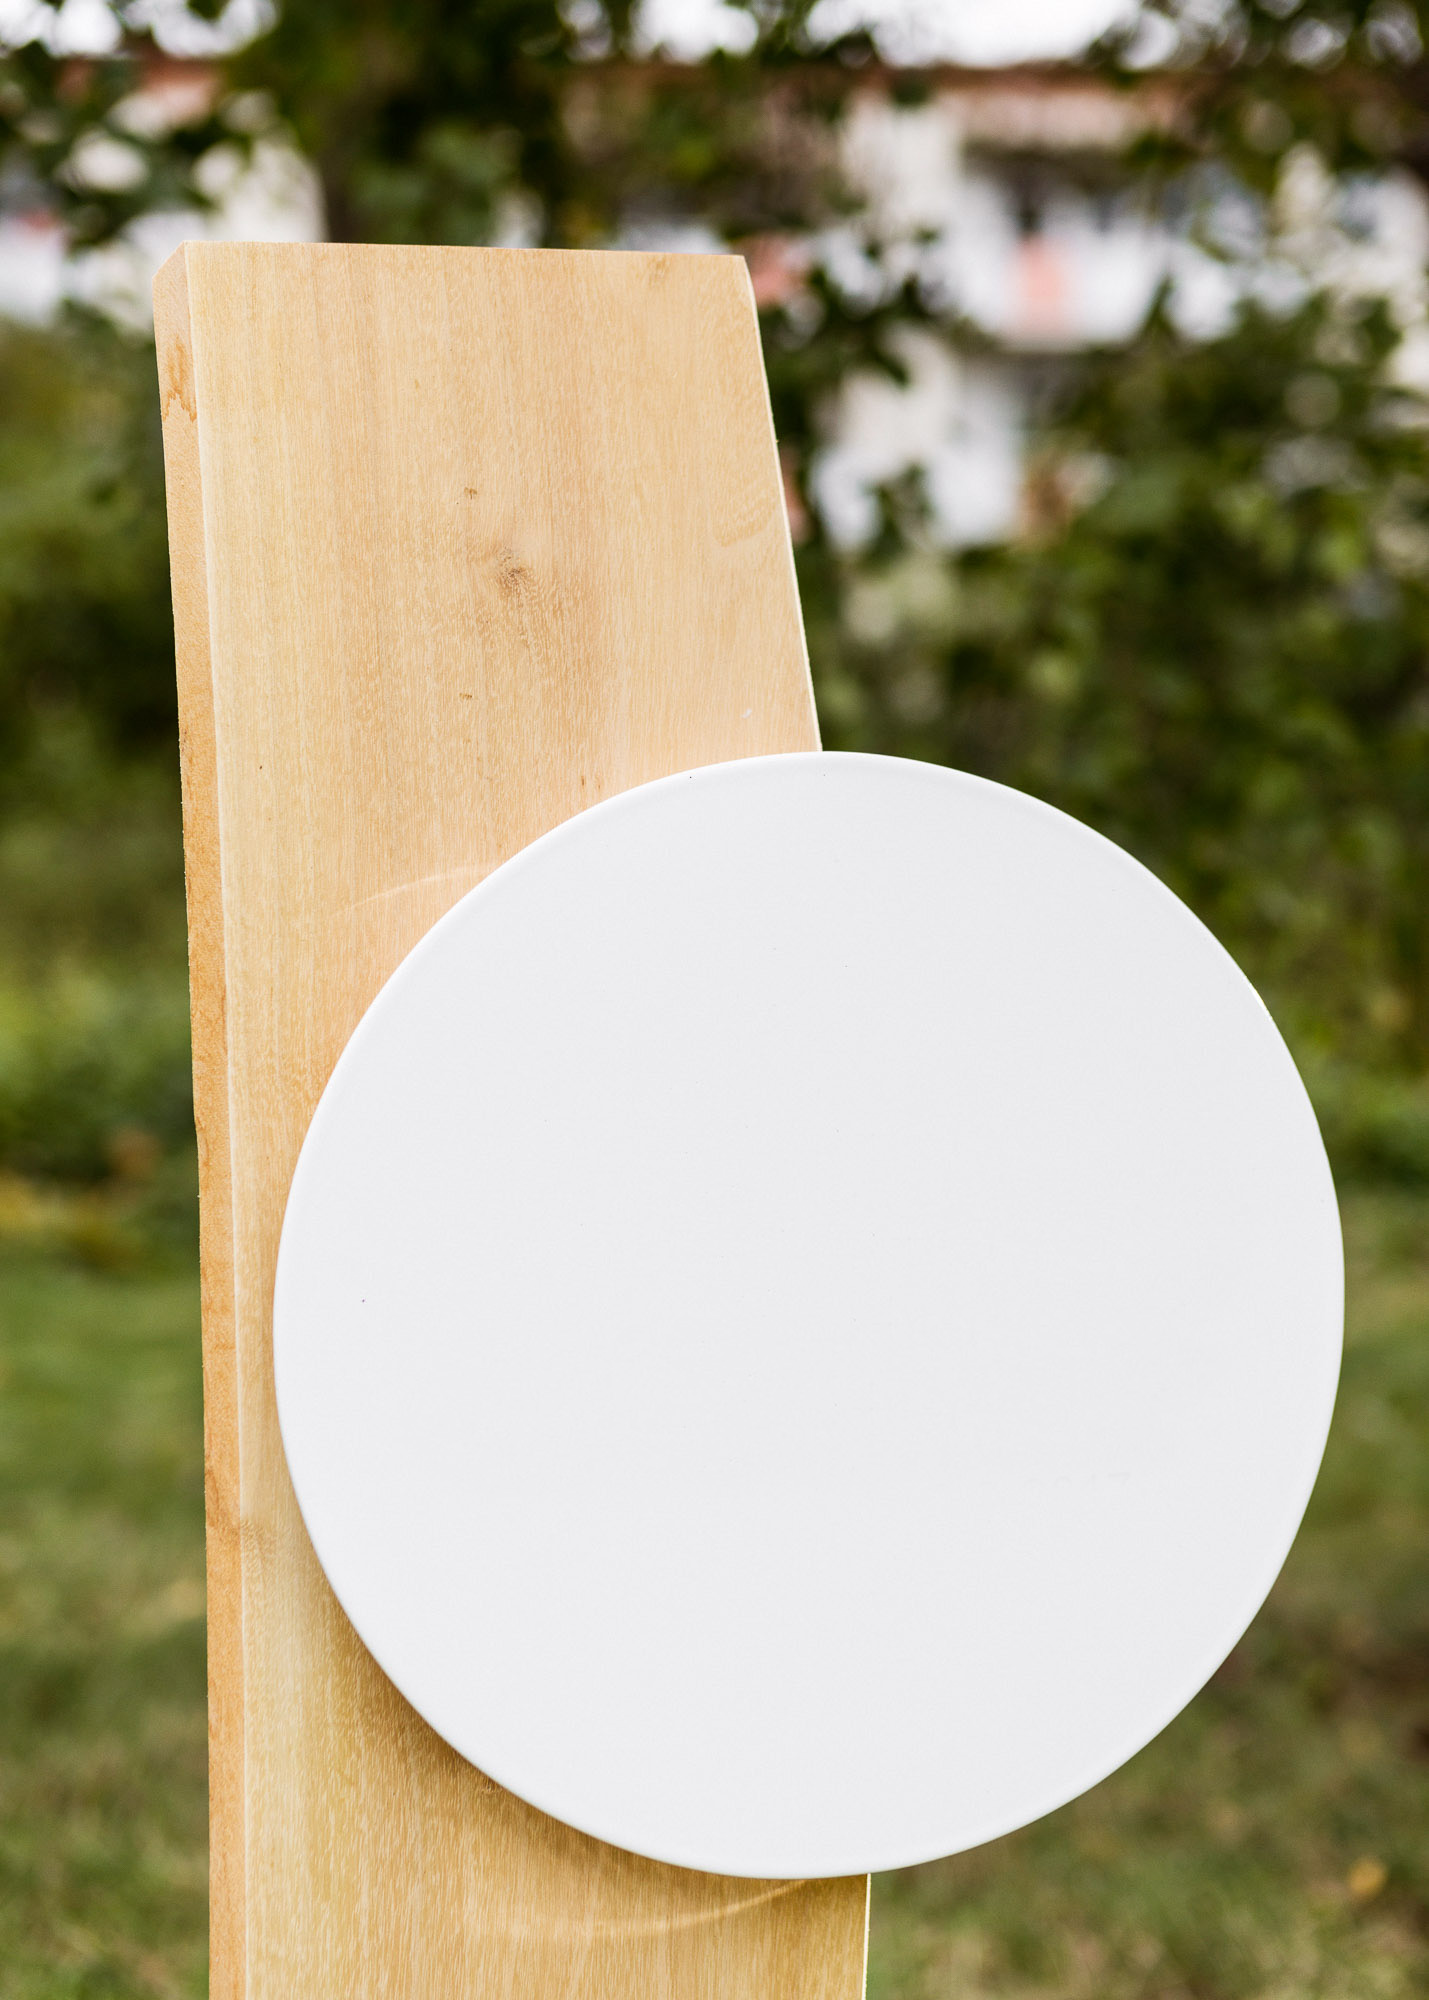 Urnengrabmal aus Wuchsholz flaches rundes Emailleschild